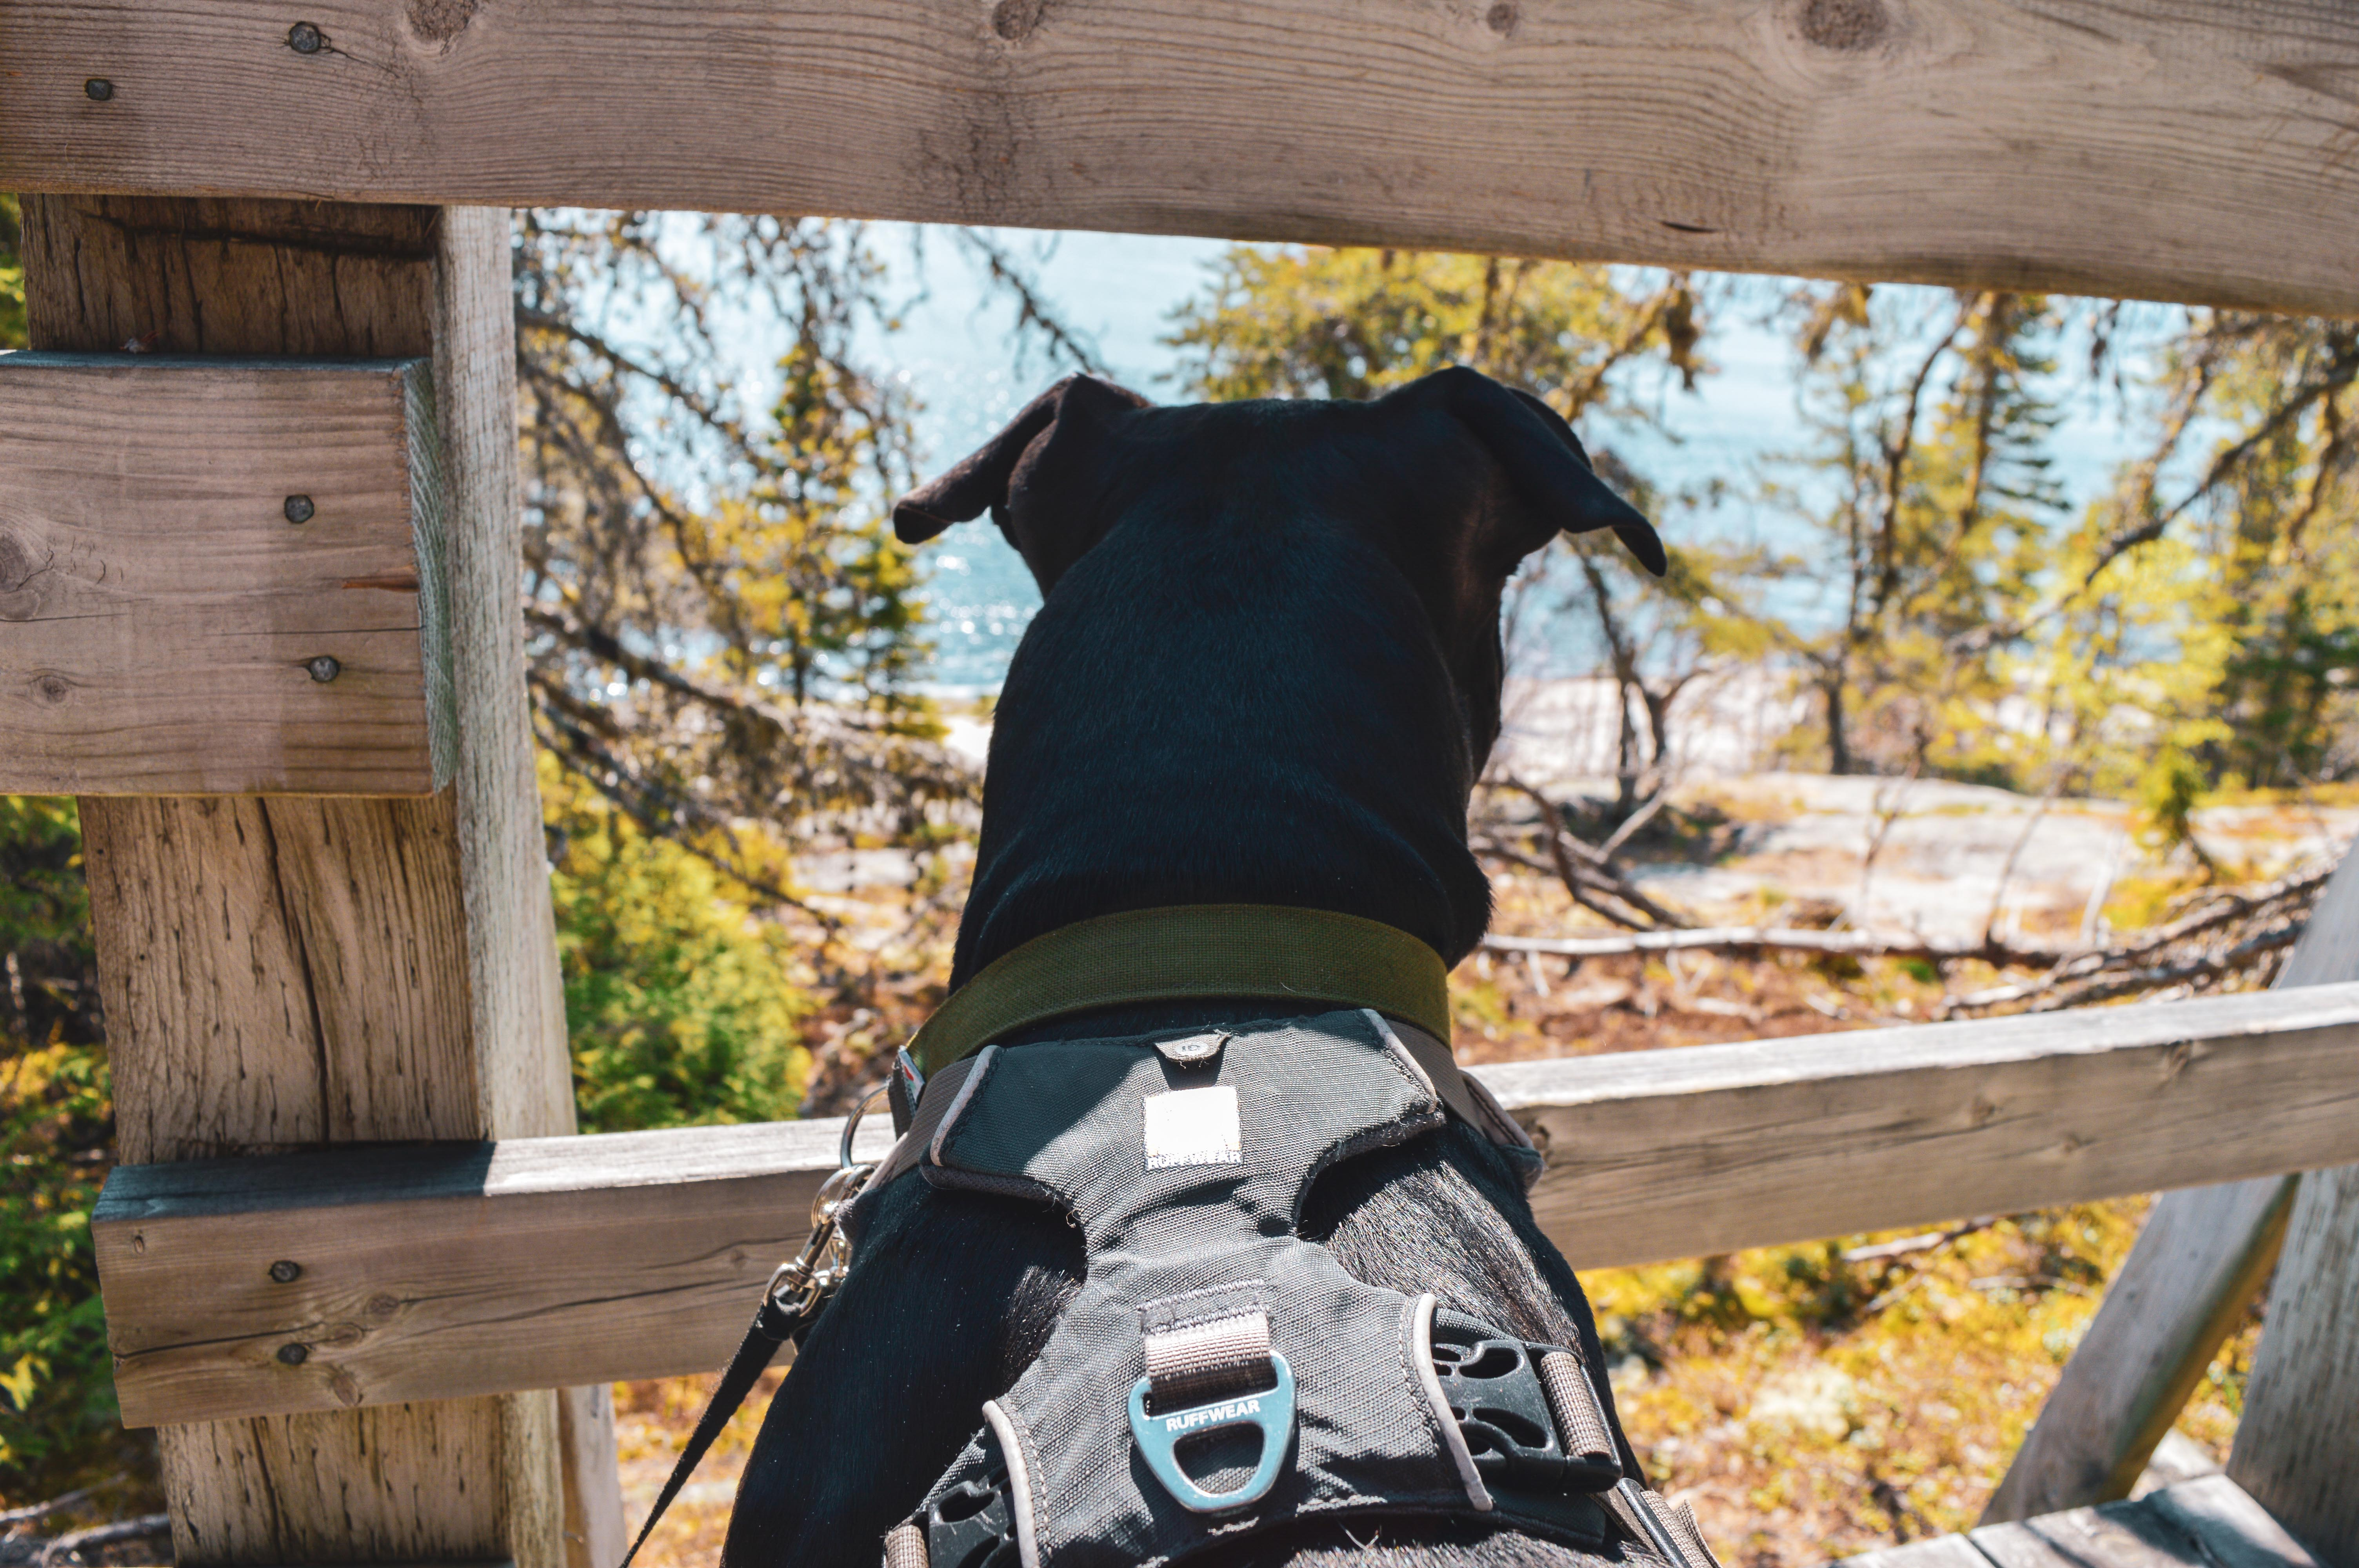 Enzo fait dos à la caméra. Il regarde la paysage entre les planches de la rambarde d'un pont en bois.